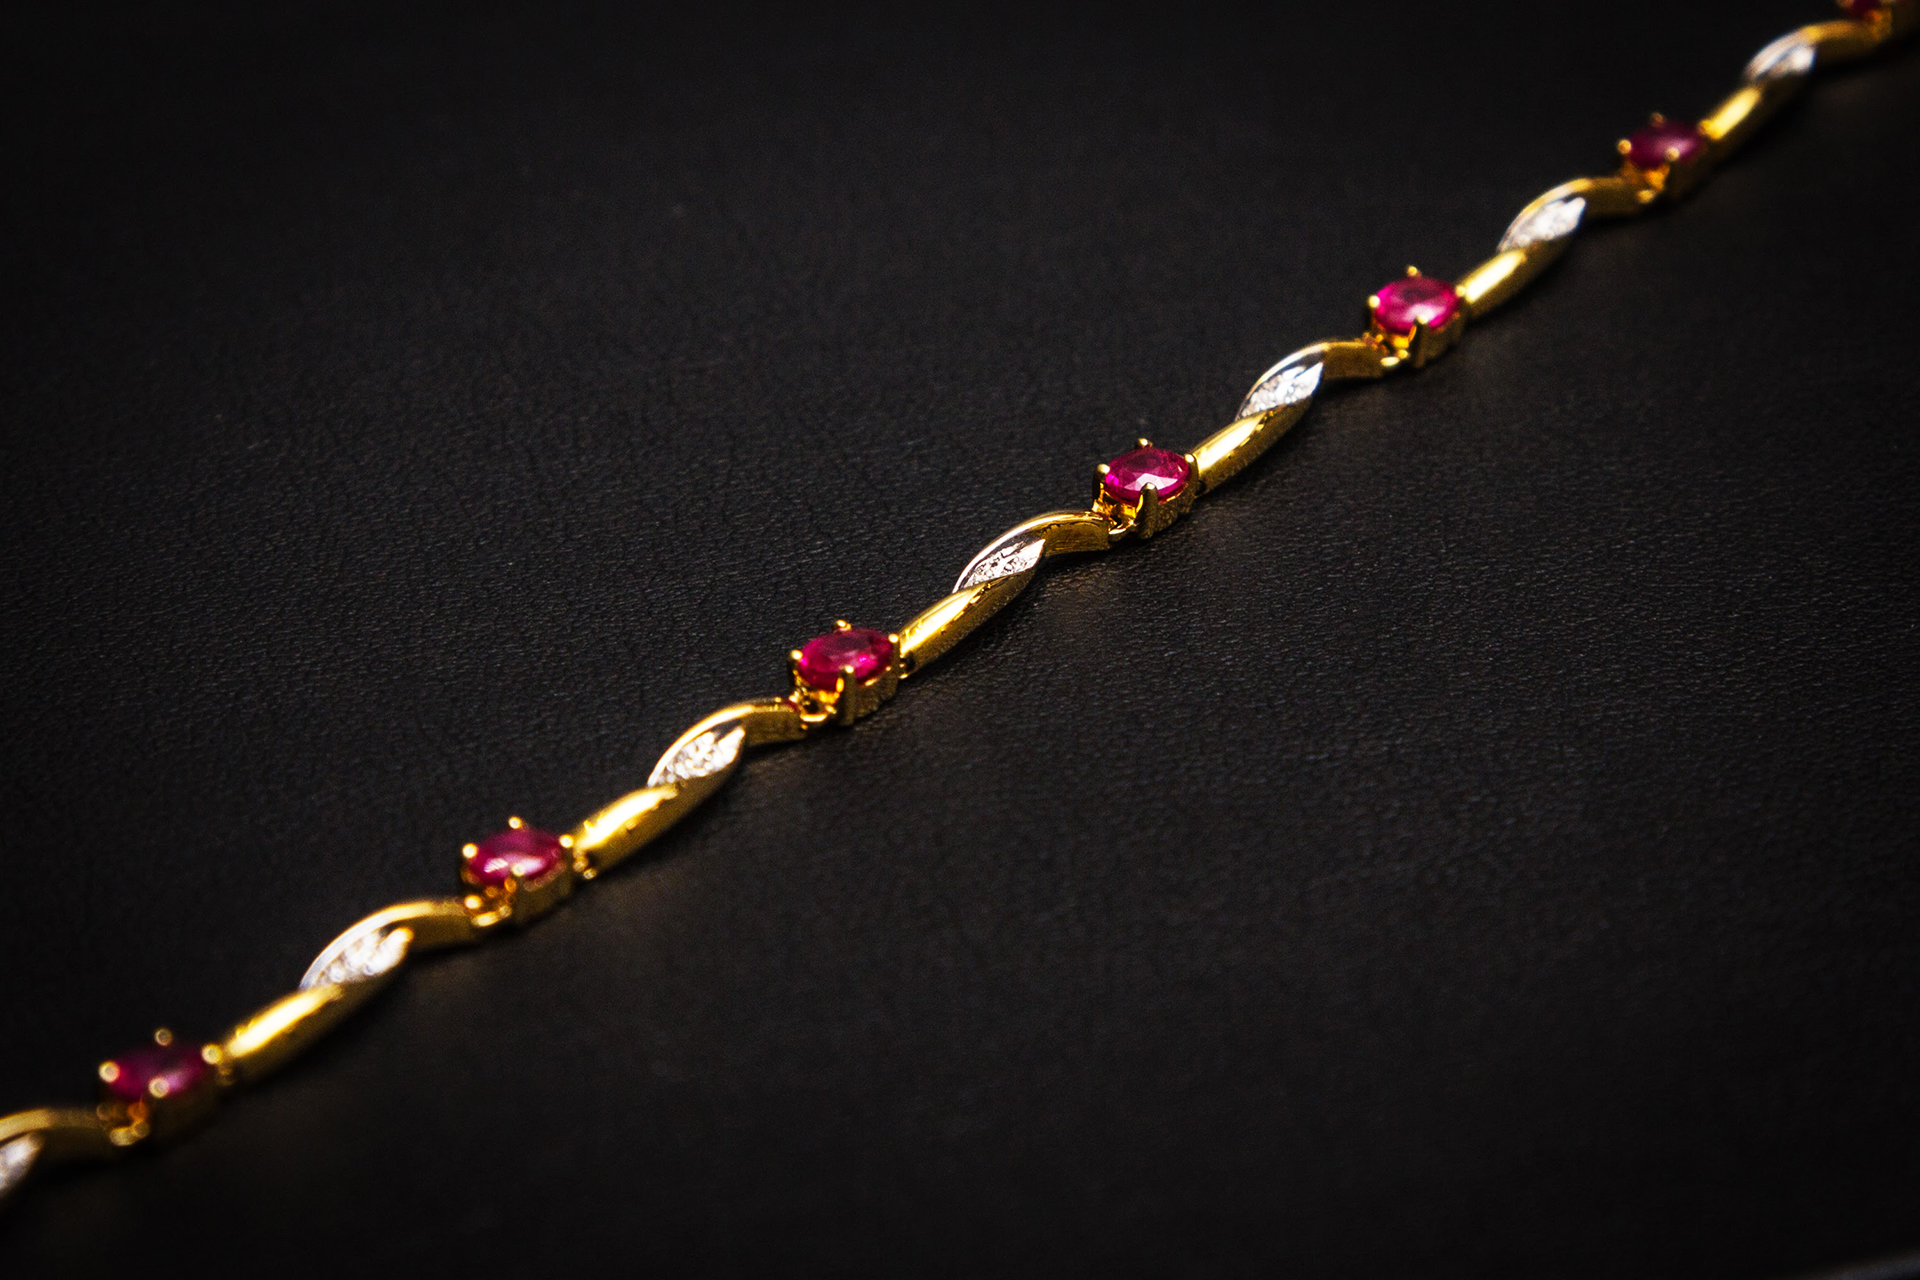 bijouterie-verneau-bracelet-or-diamands-ruby-bijoux-bijoutier-qualite-toulon-var-la-garde